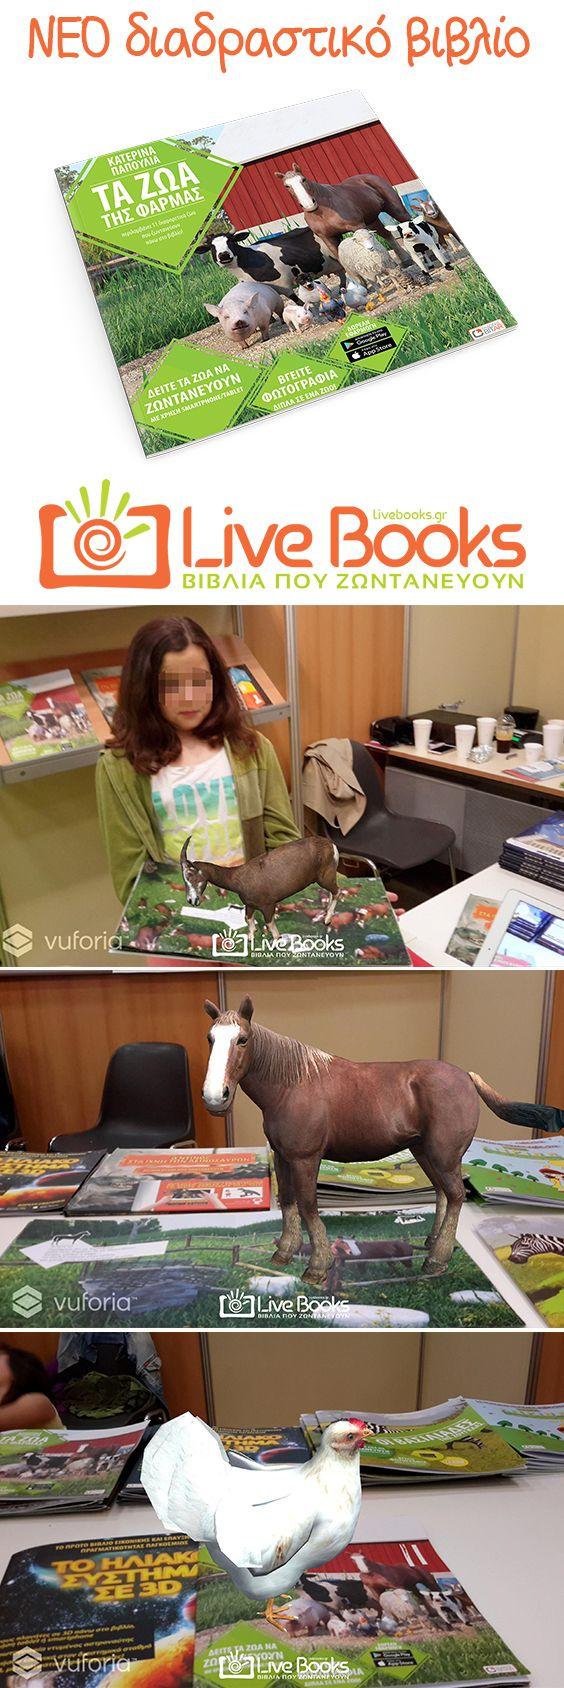 #livebooks.gr #βιβλίο #δώρο #παιδί #καινοτομία #ζώα #φάρμα #βιβλία_που_ζωντανεύουν #διαδραστικό #εκπαιδευτικό #παιχνίδι